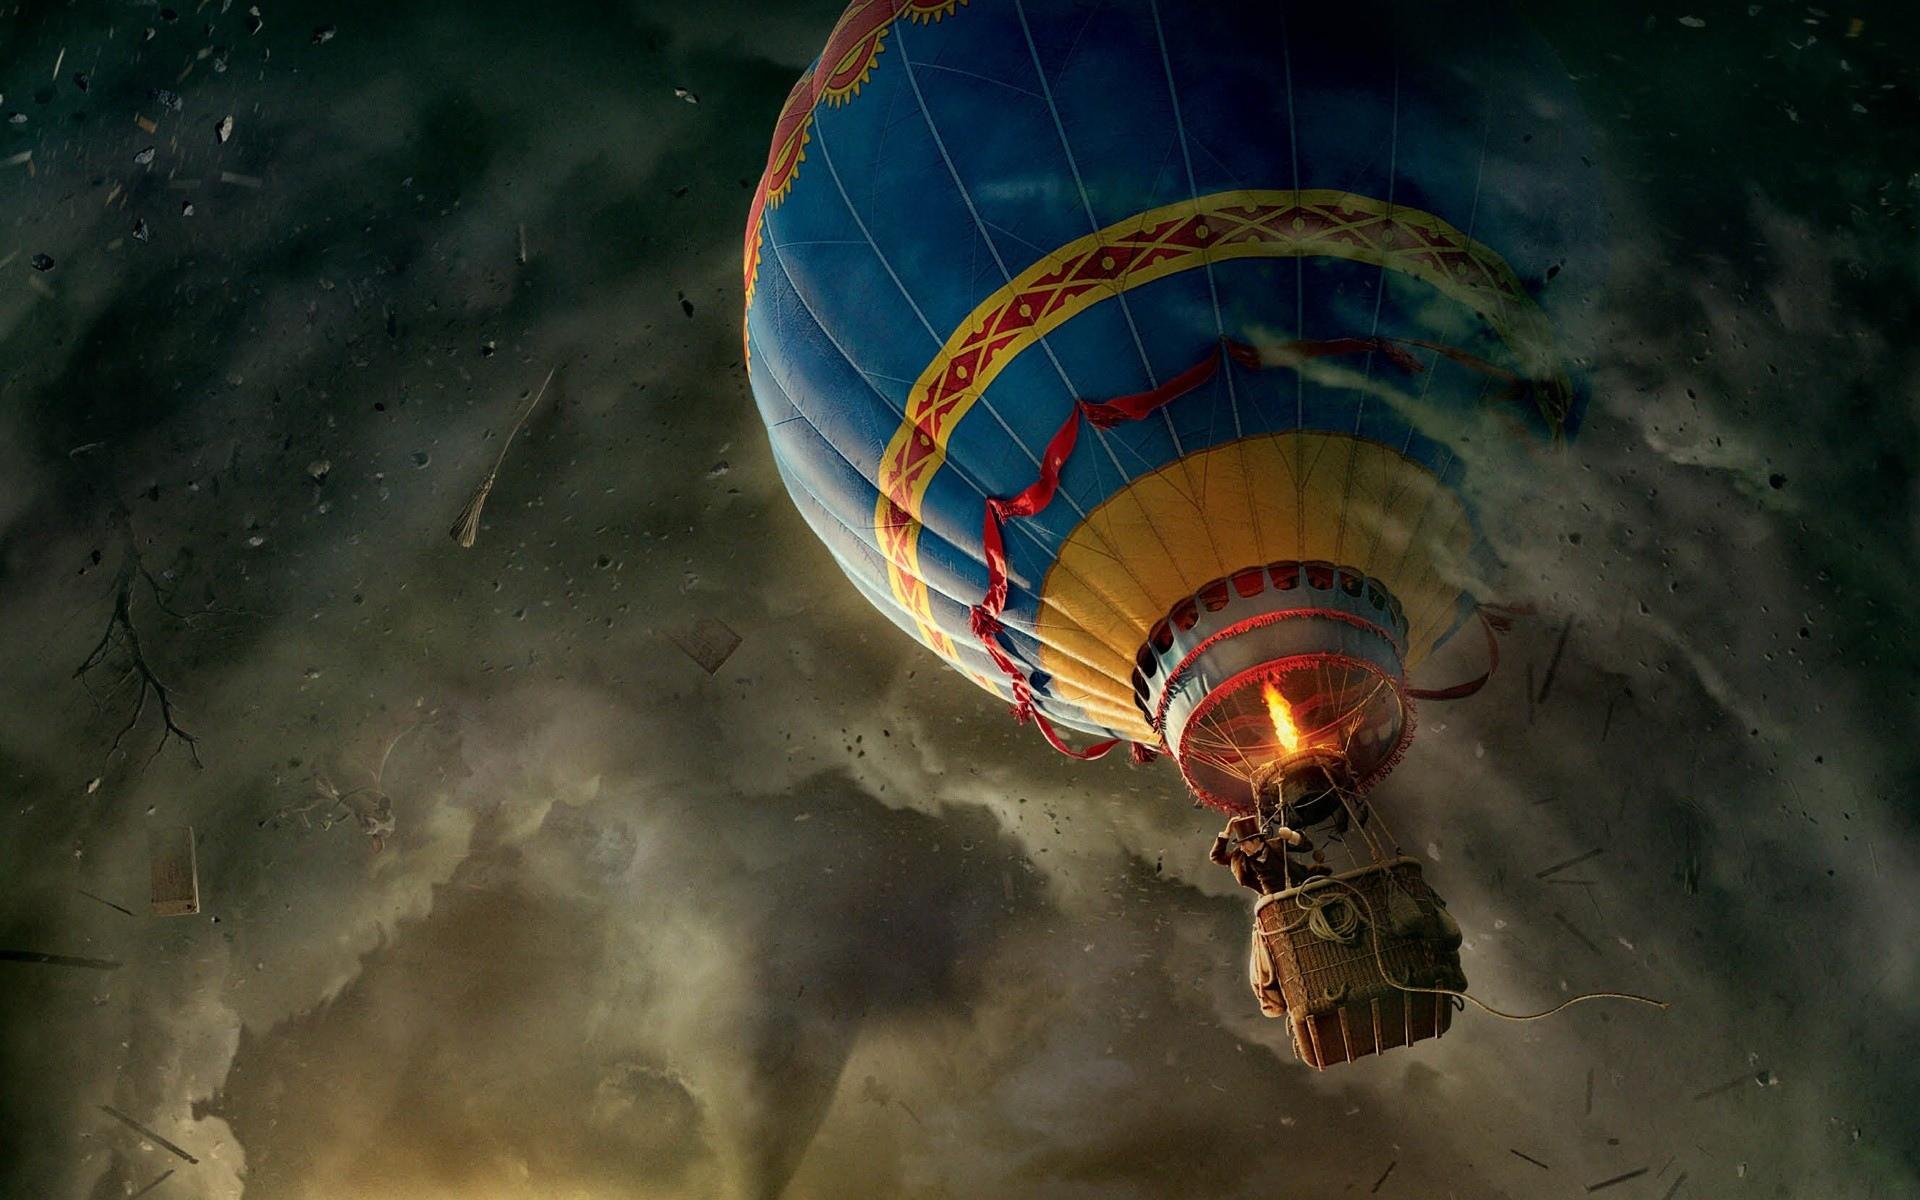 обои воздушный шар, смерч, приключения, человек картинки фото